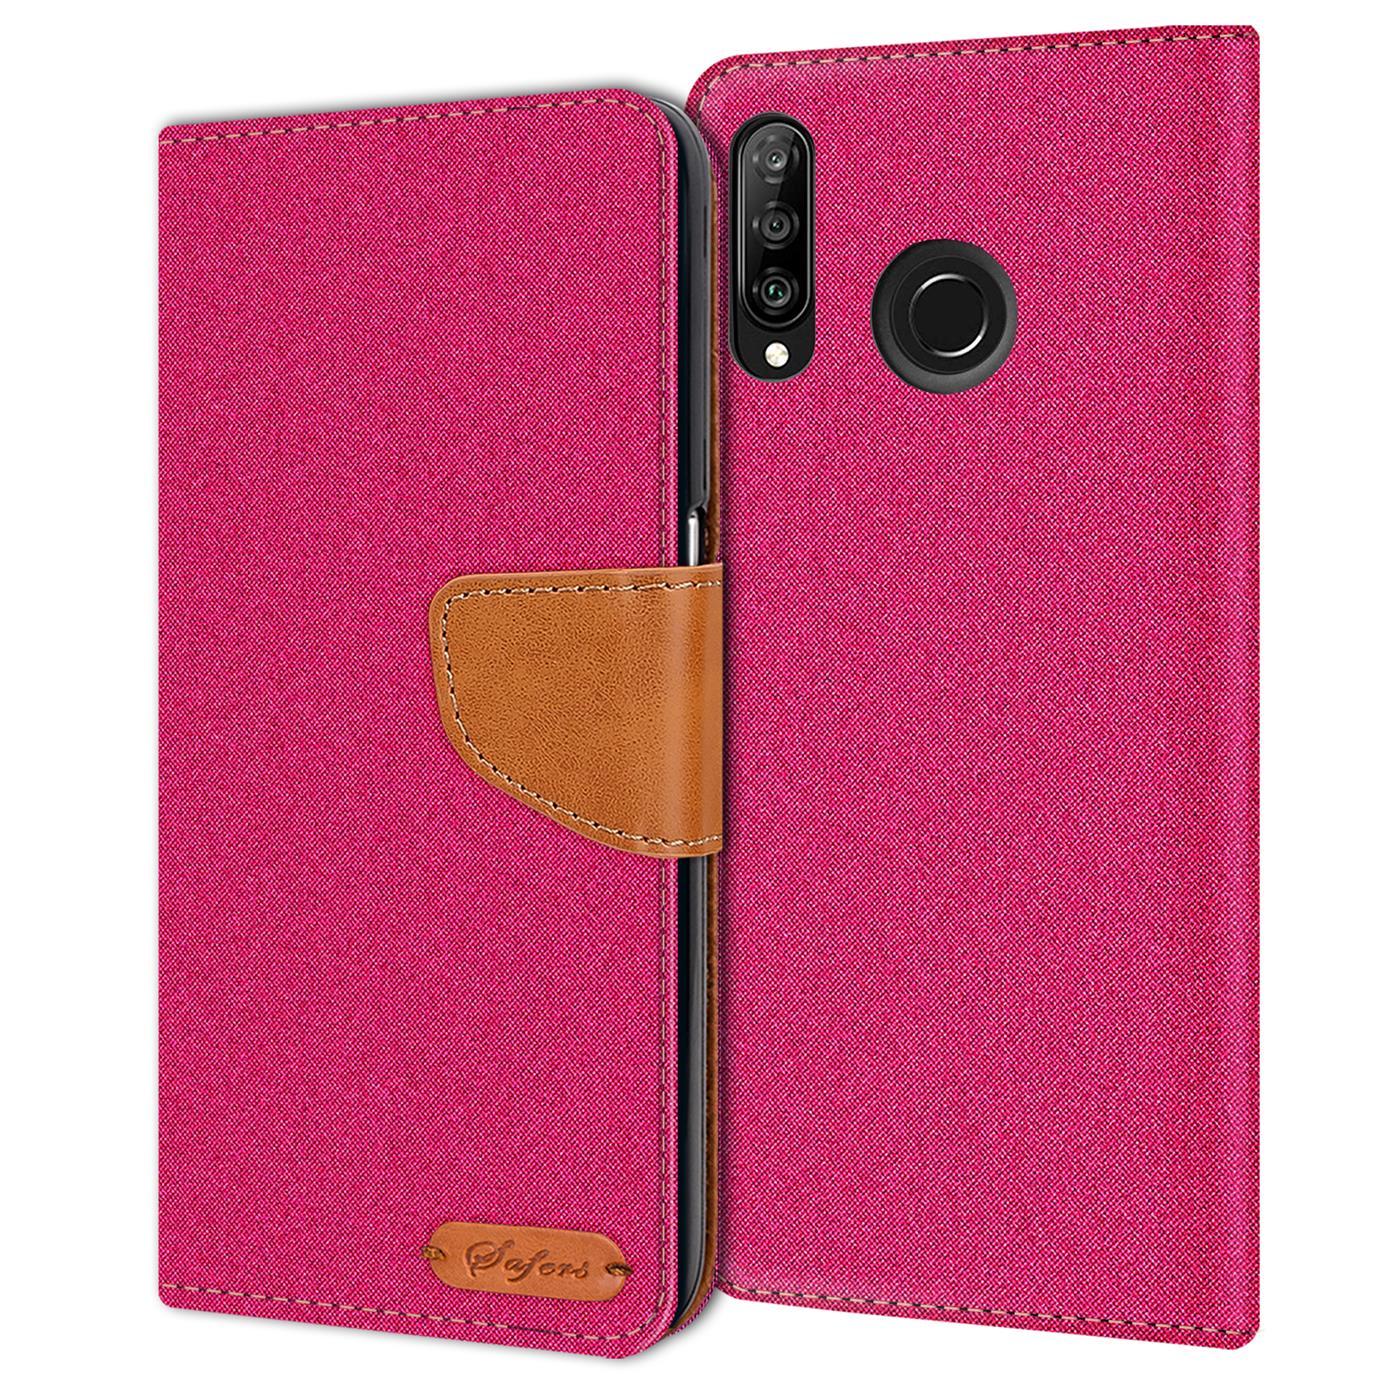 Schutzhuelle-Handy-Huelle-Flip-Case-Klapp-Tasche-Book-Case-Cover-Handyhuelle-Etui Indexbild 31